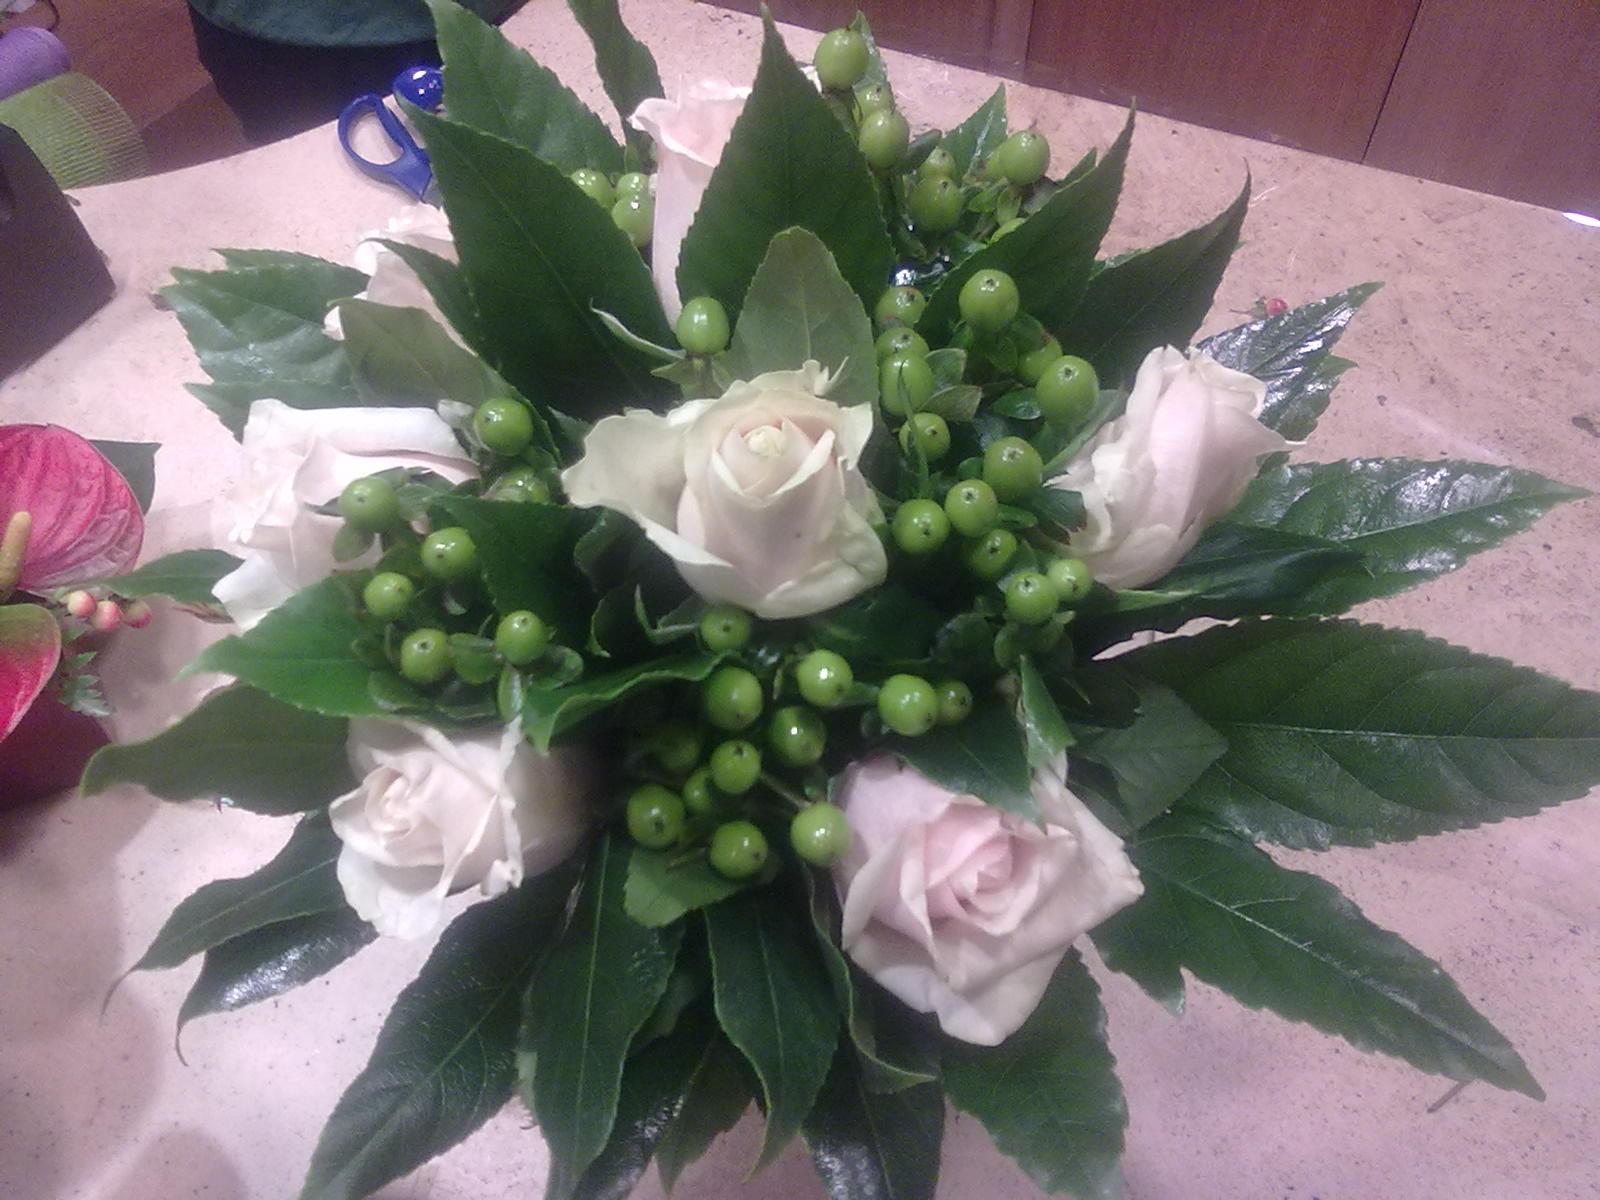 Elisabetta fiori e piante centrotavola con rose bianche e iperico verde - Interflora contatti ...